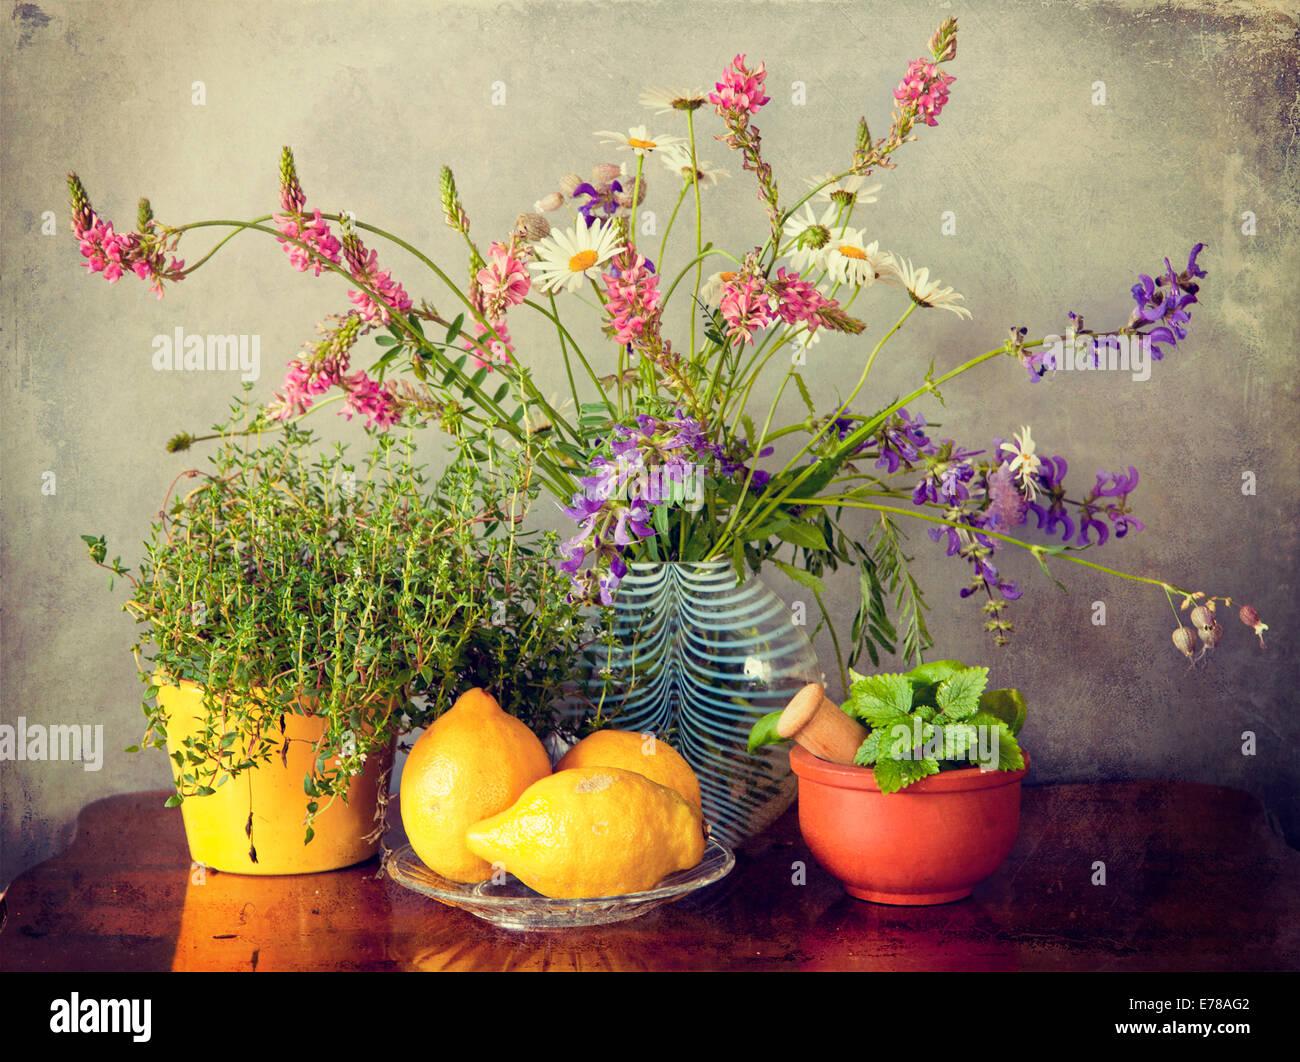 Jardín de hierbas, flores del campo en jarrón y frutas de limón. Grunge textura y Instagram-como Imagen De Stock